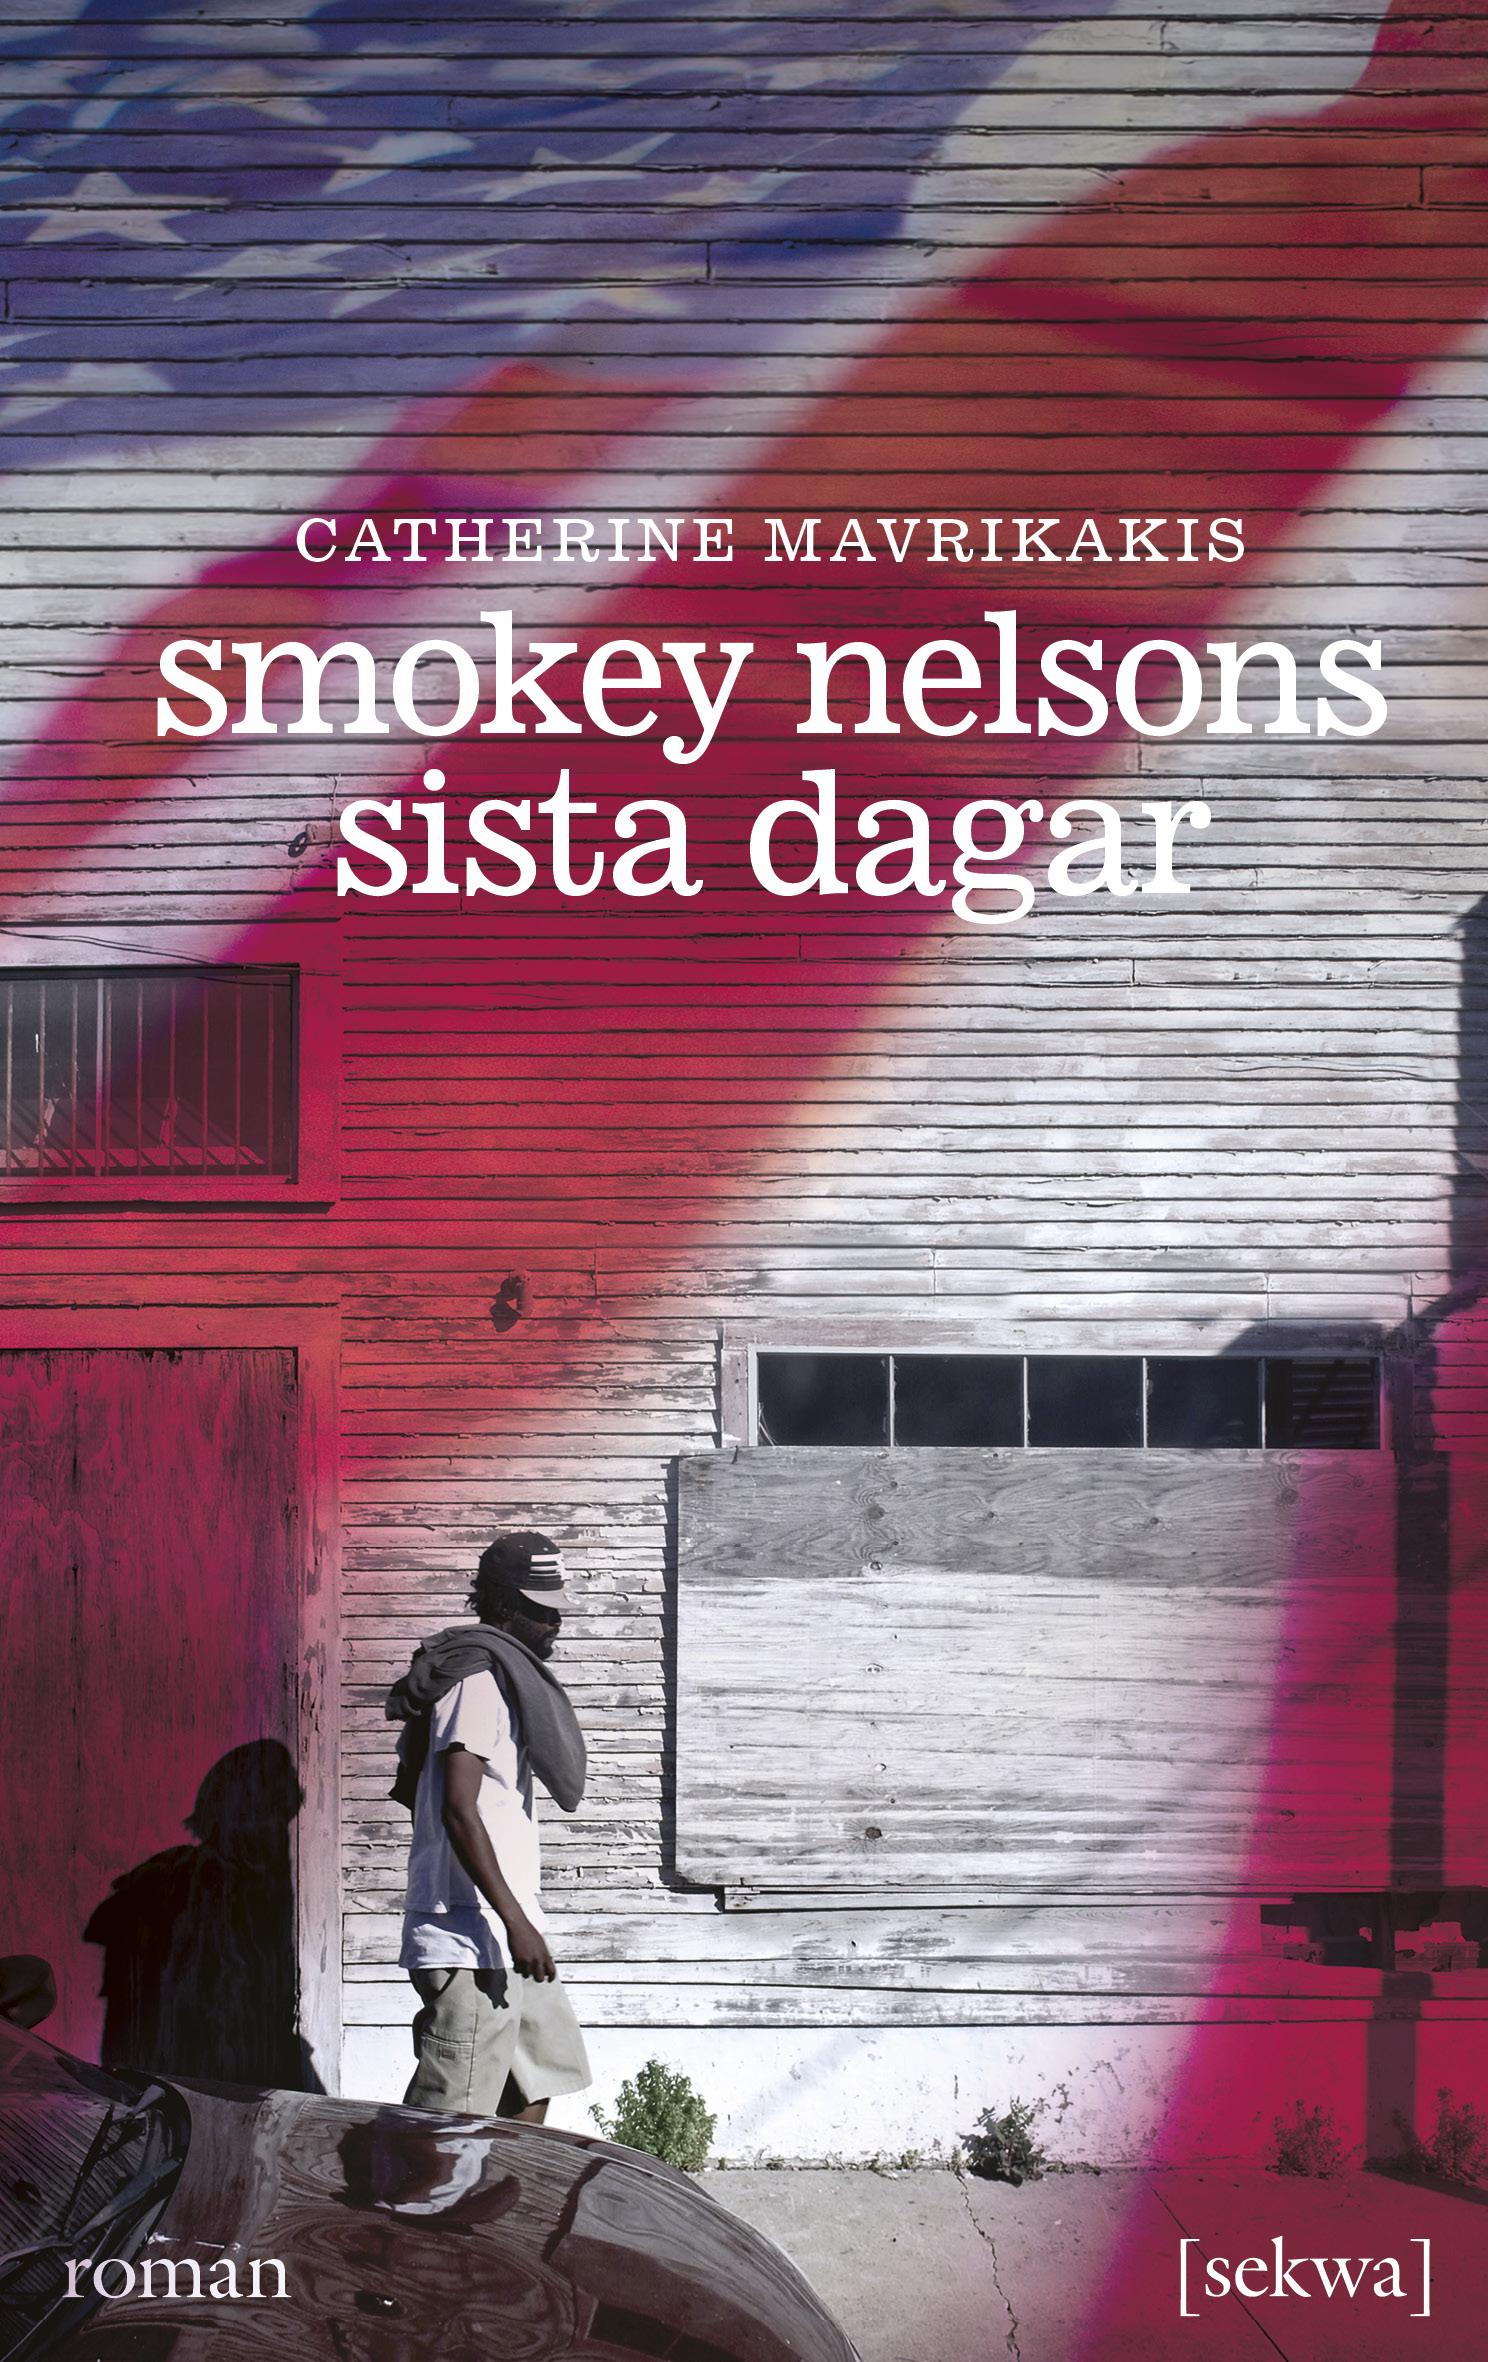 Catherine Mavrikakis: Smokey Nelsons sista dagar